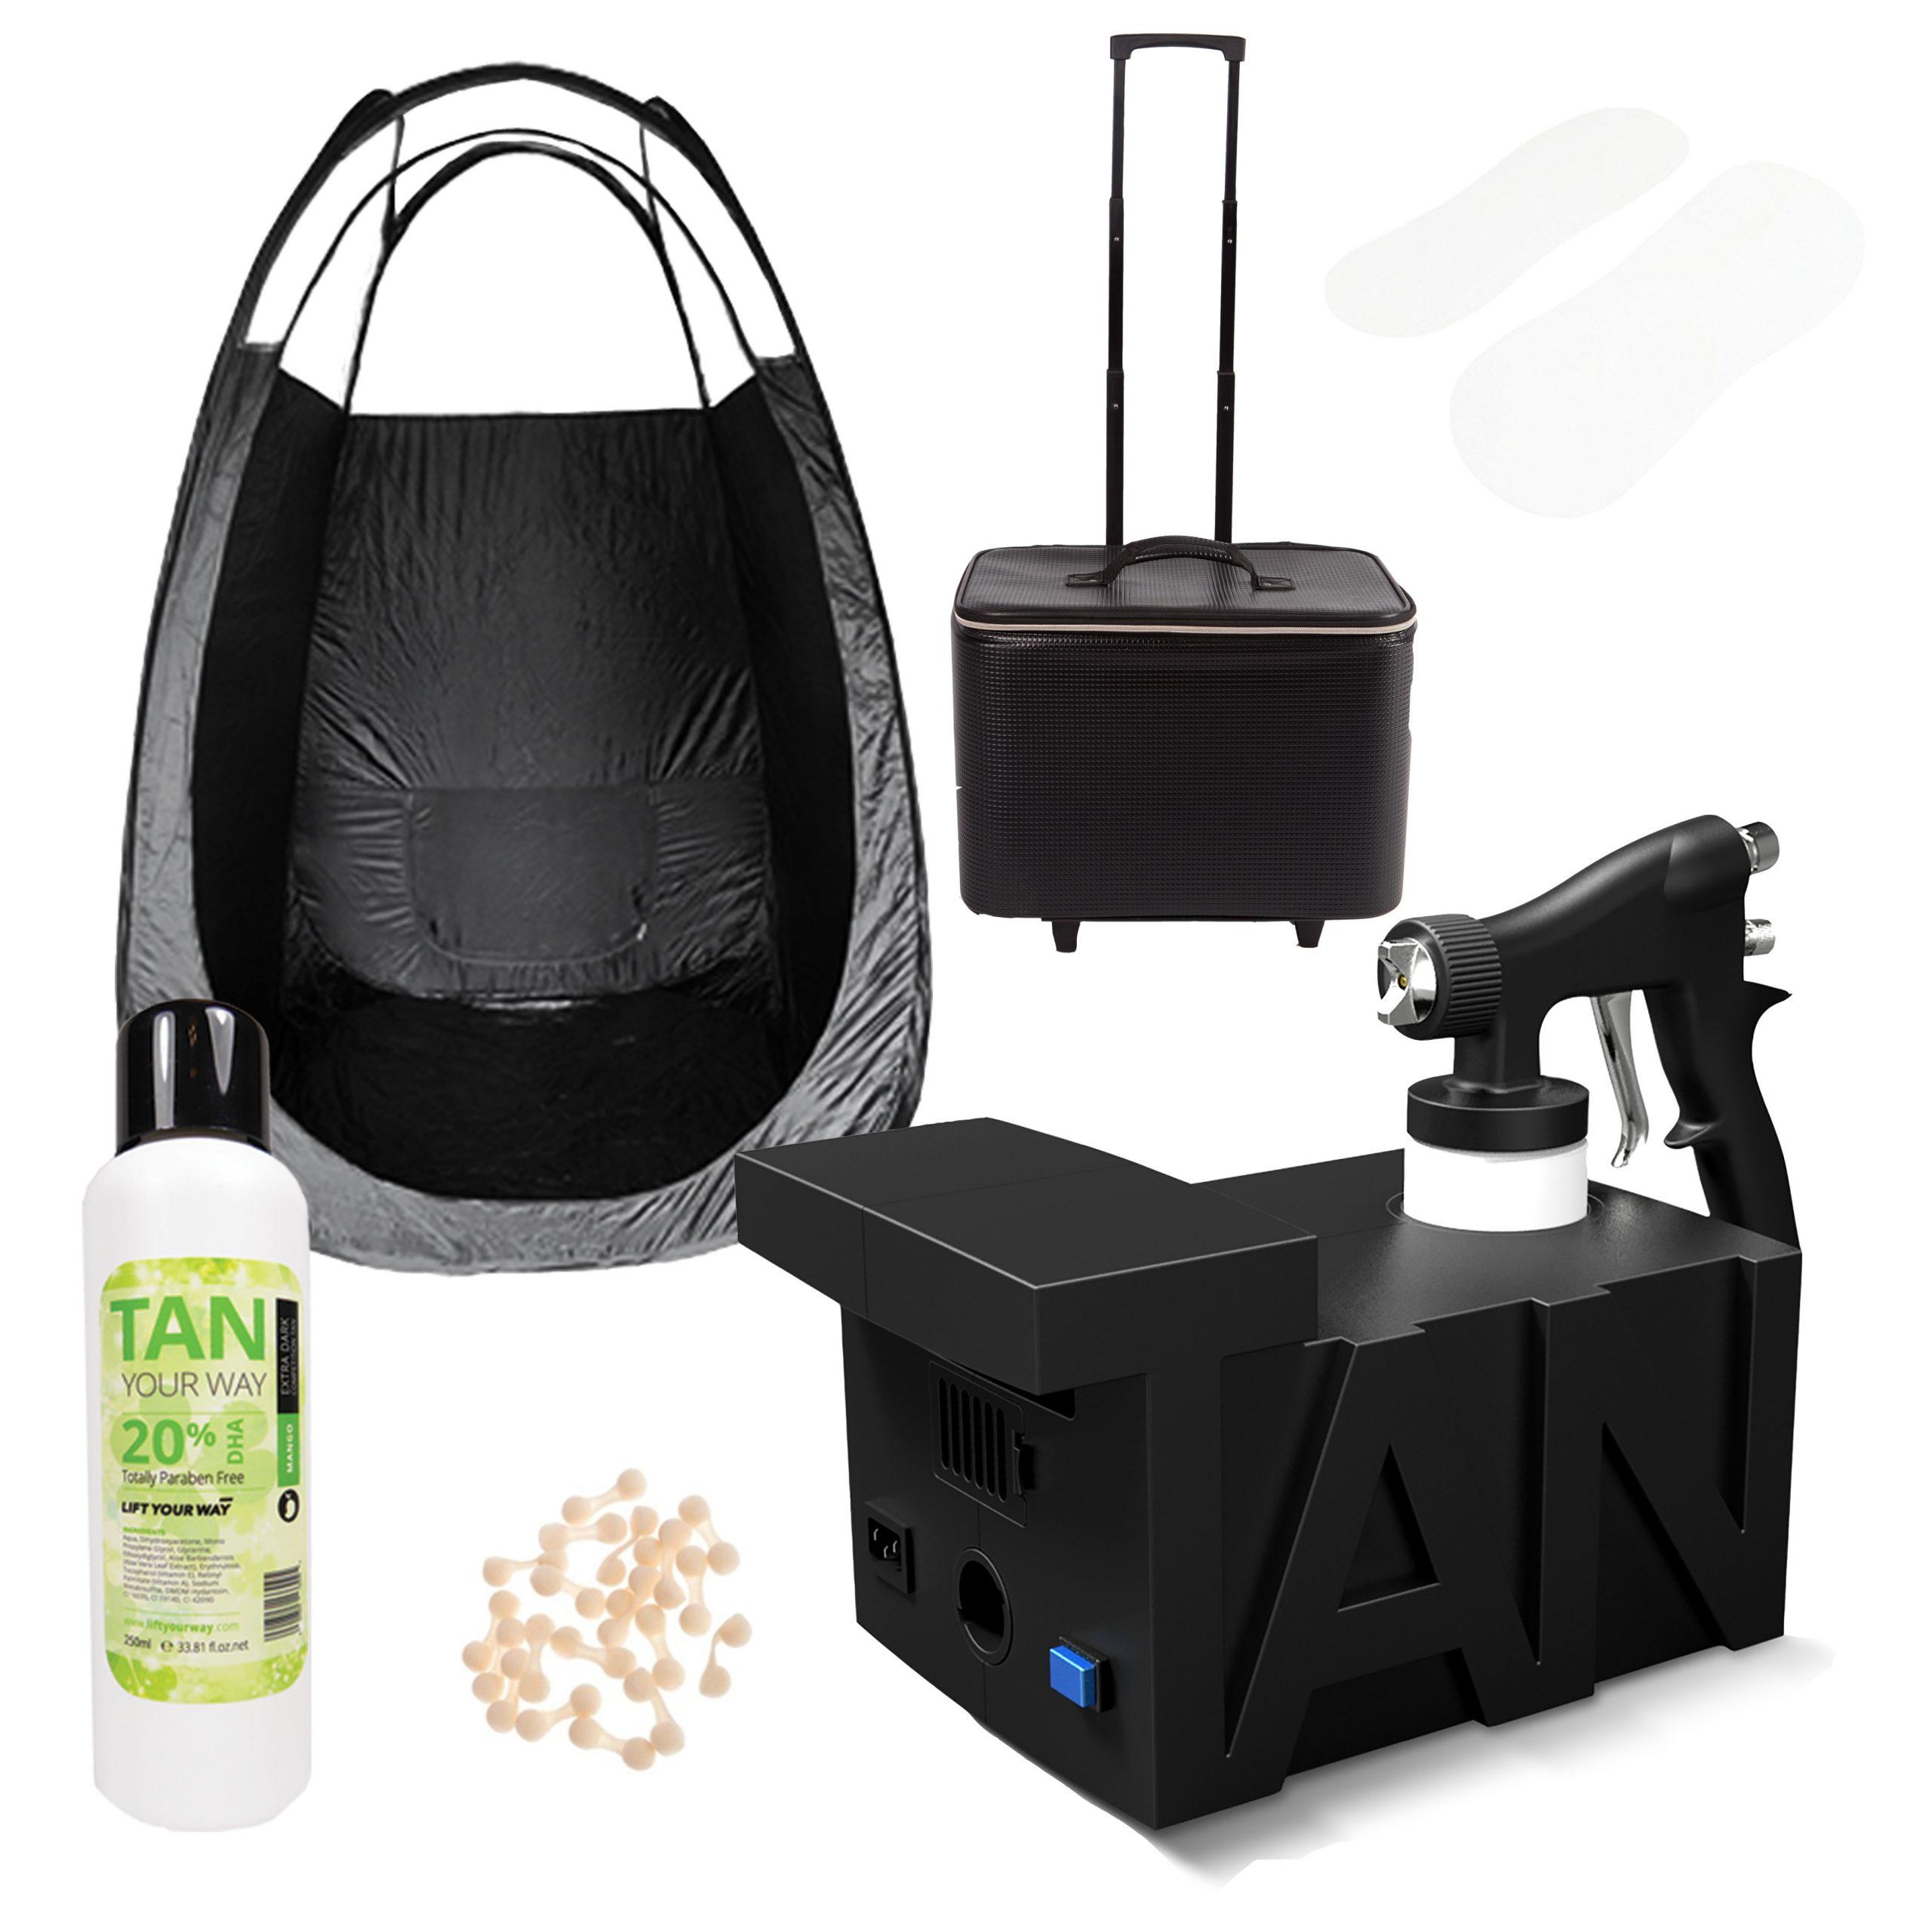 Spray tan starter kit